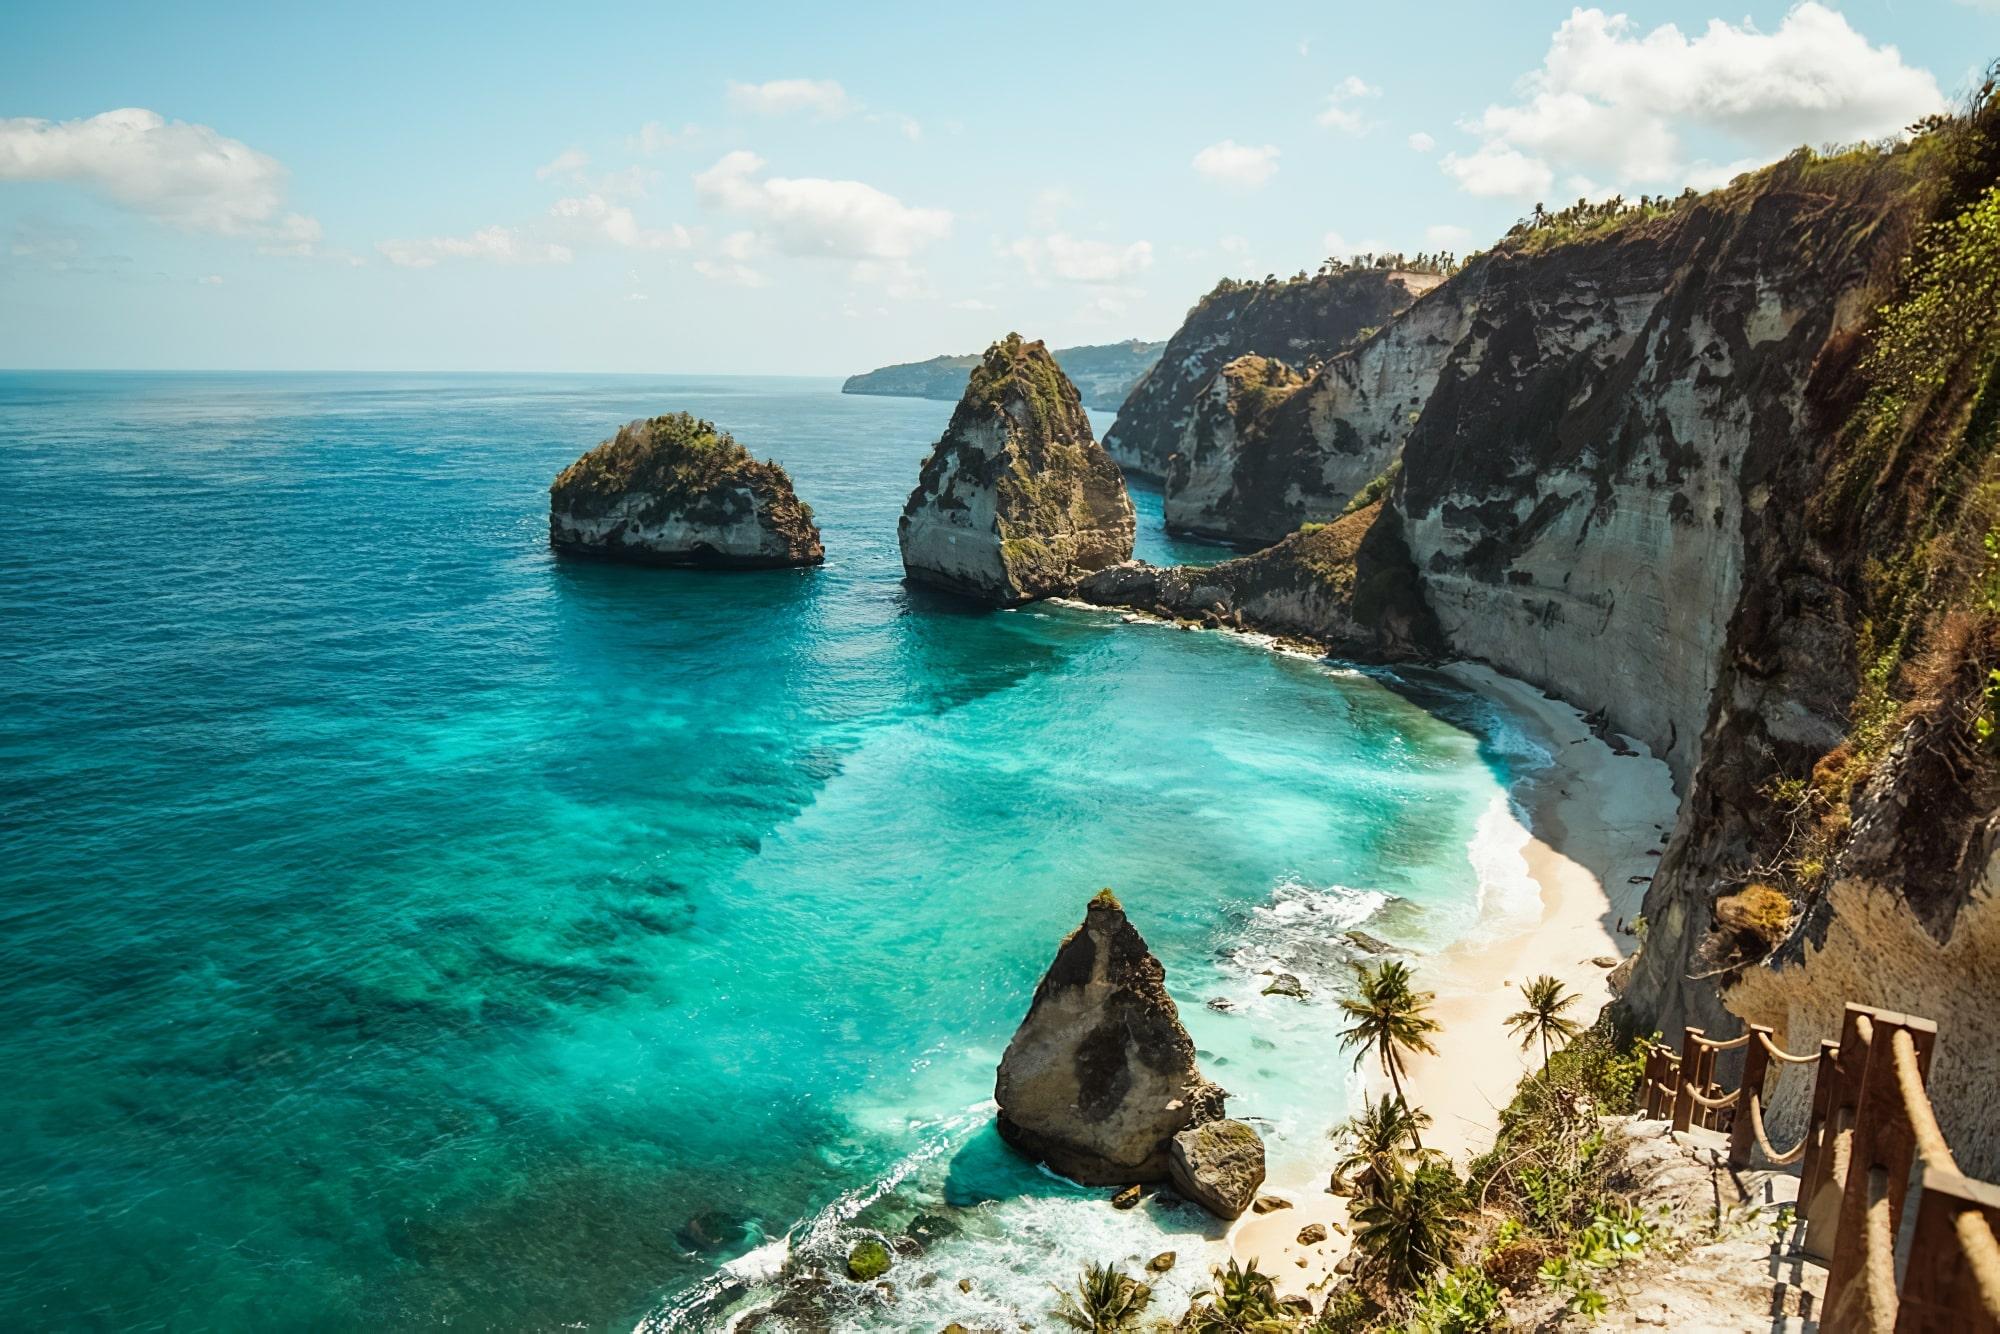 grands pays asie : La belle plage de diamants de Nusa Penida, Bali, Indonésie